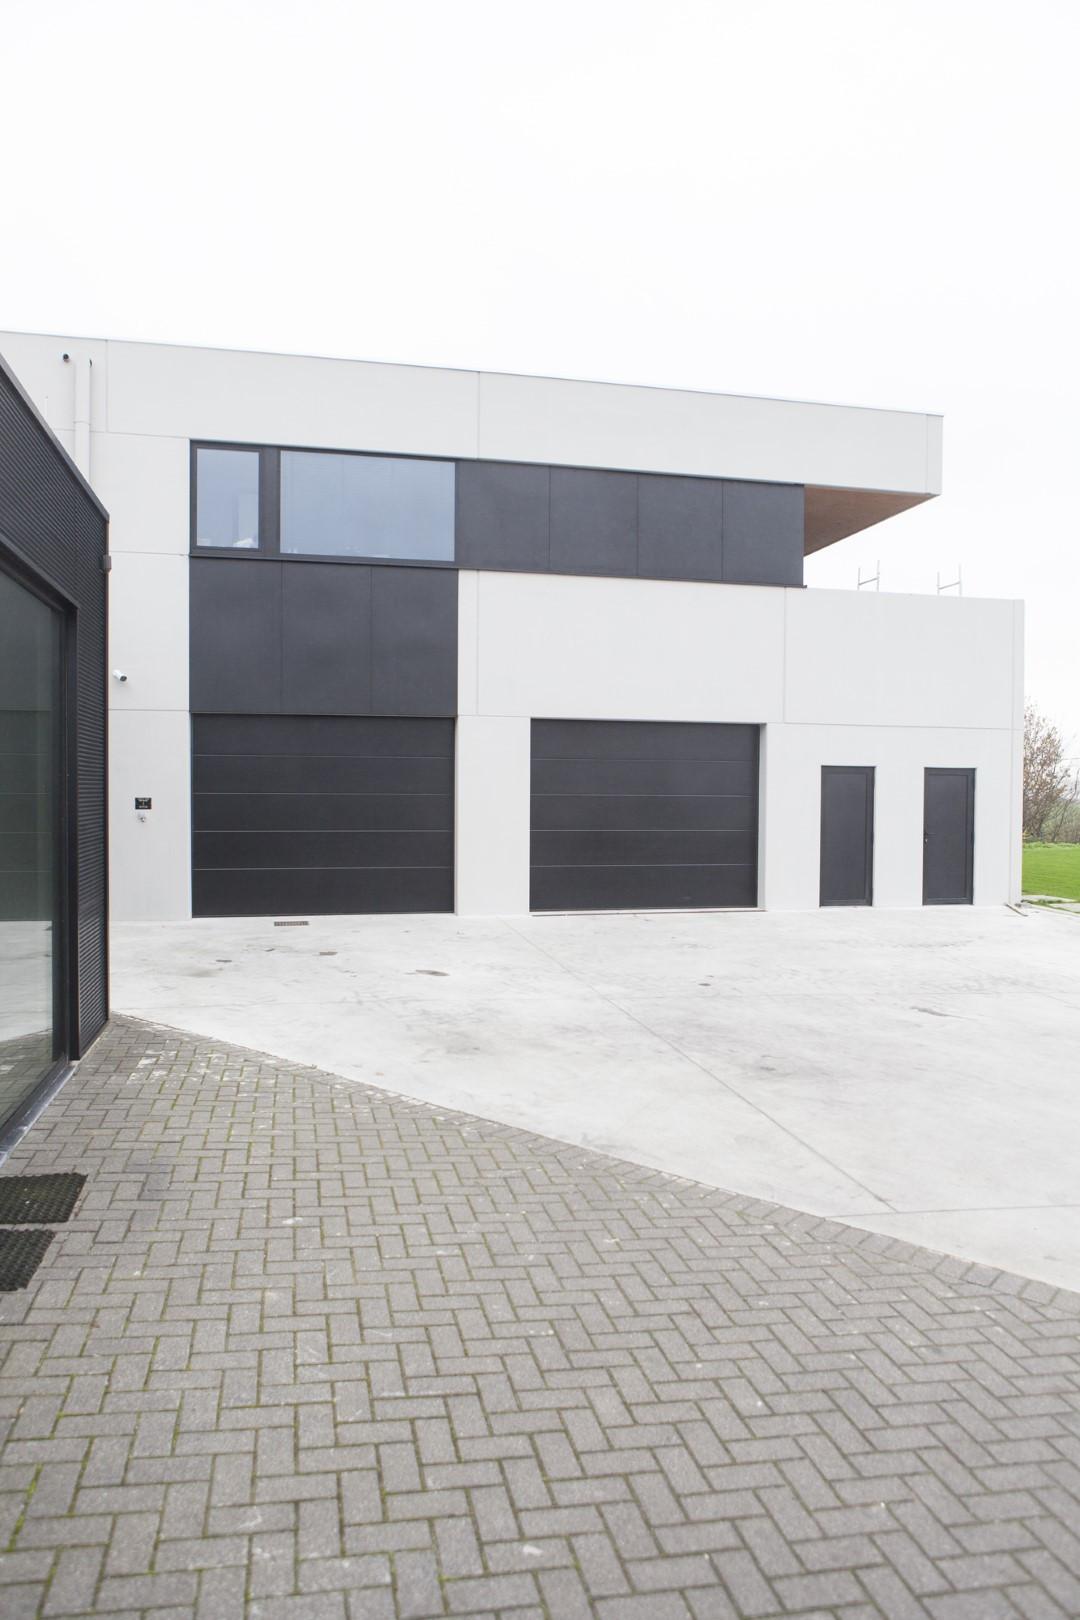 Altex_Sint Eloois Winkel_industriegebouw_werkplaats_atelier_toonzaal_burelen_woning (10)